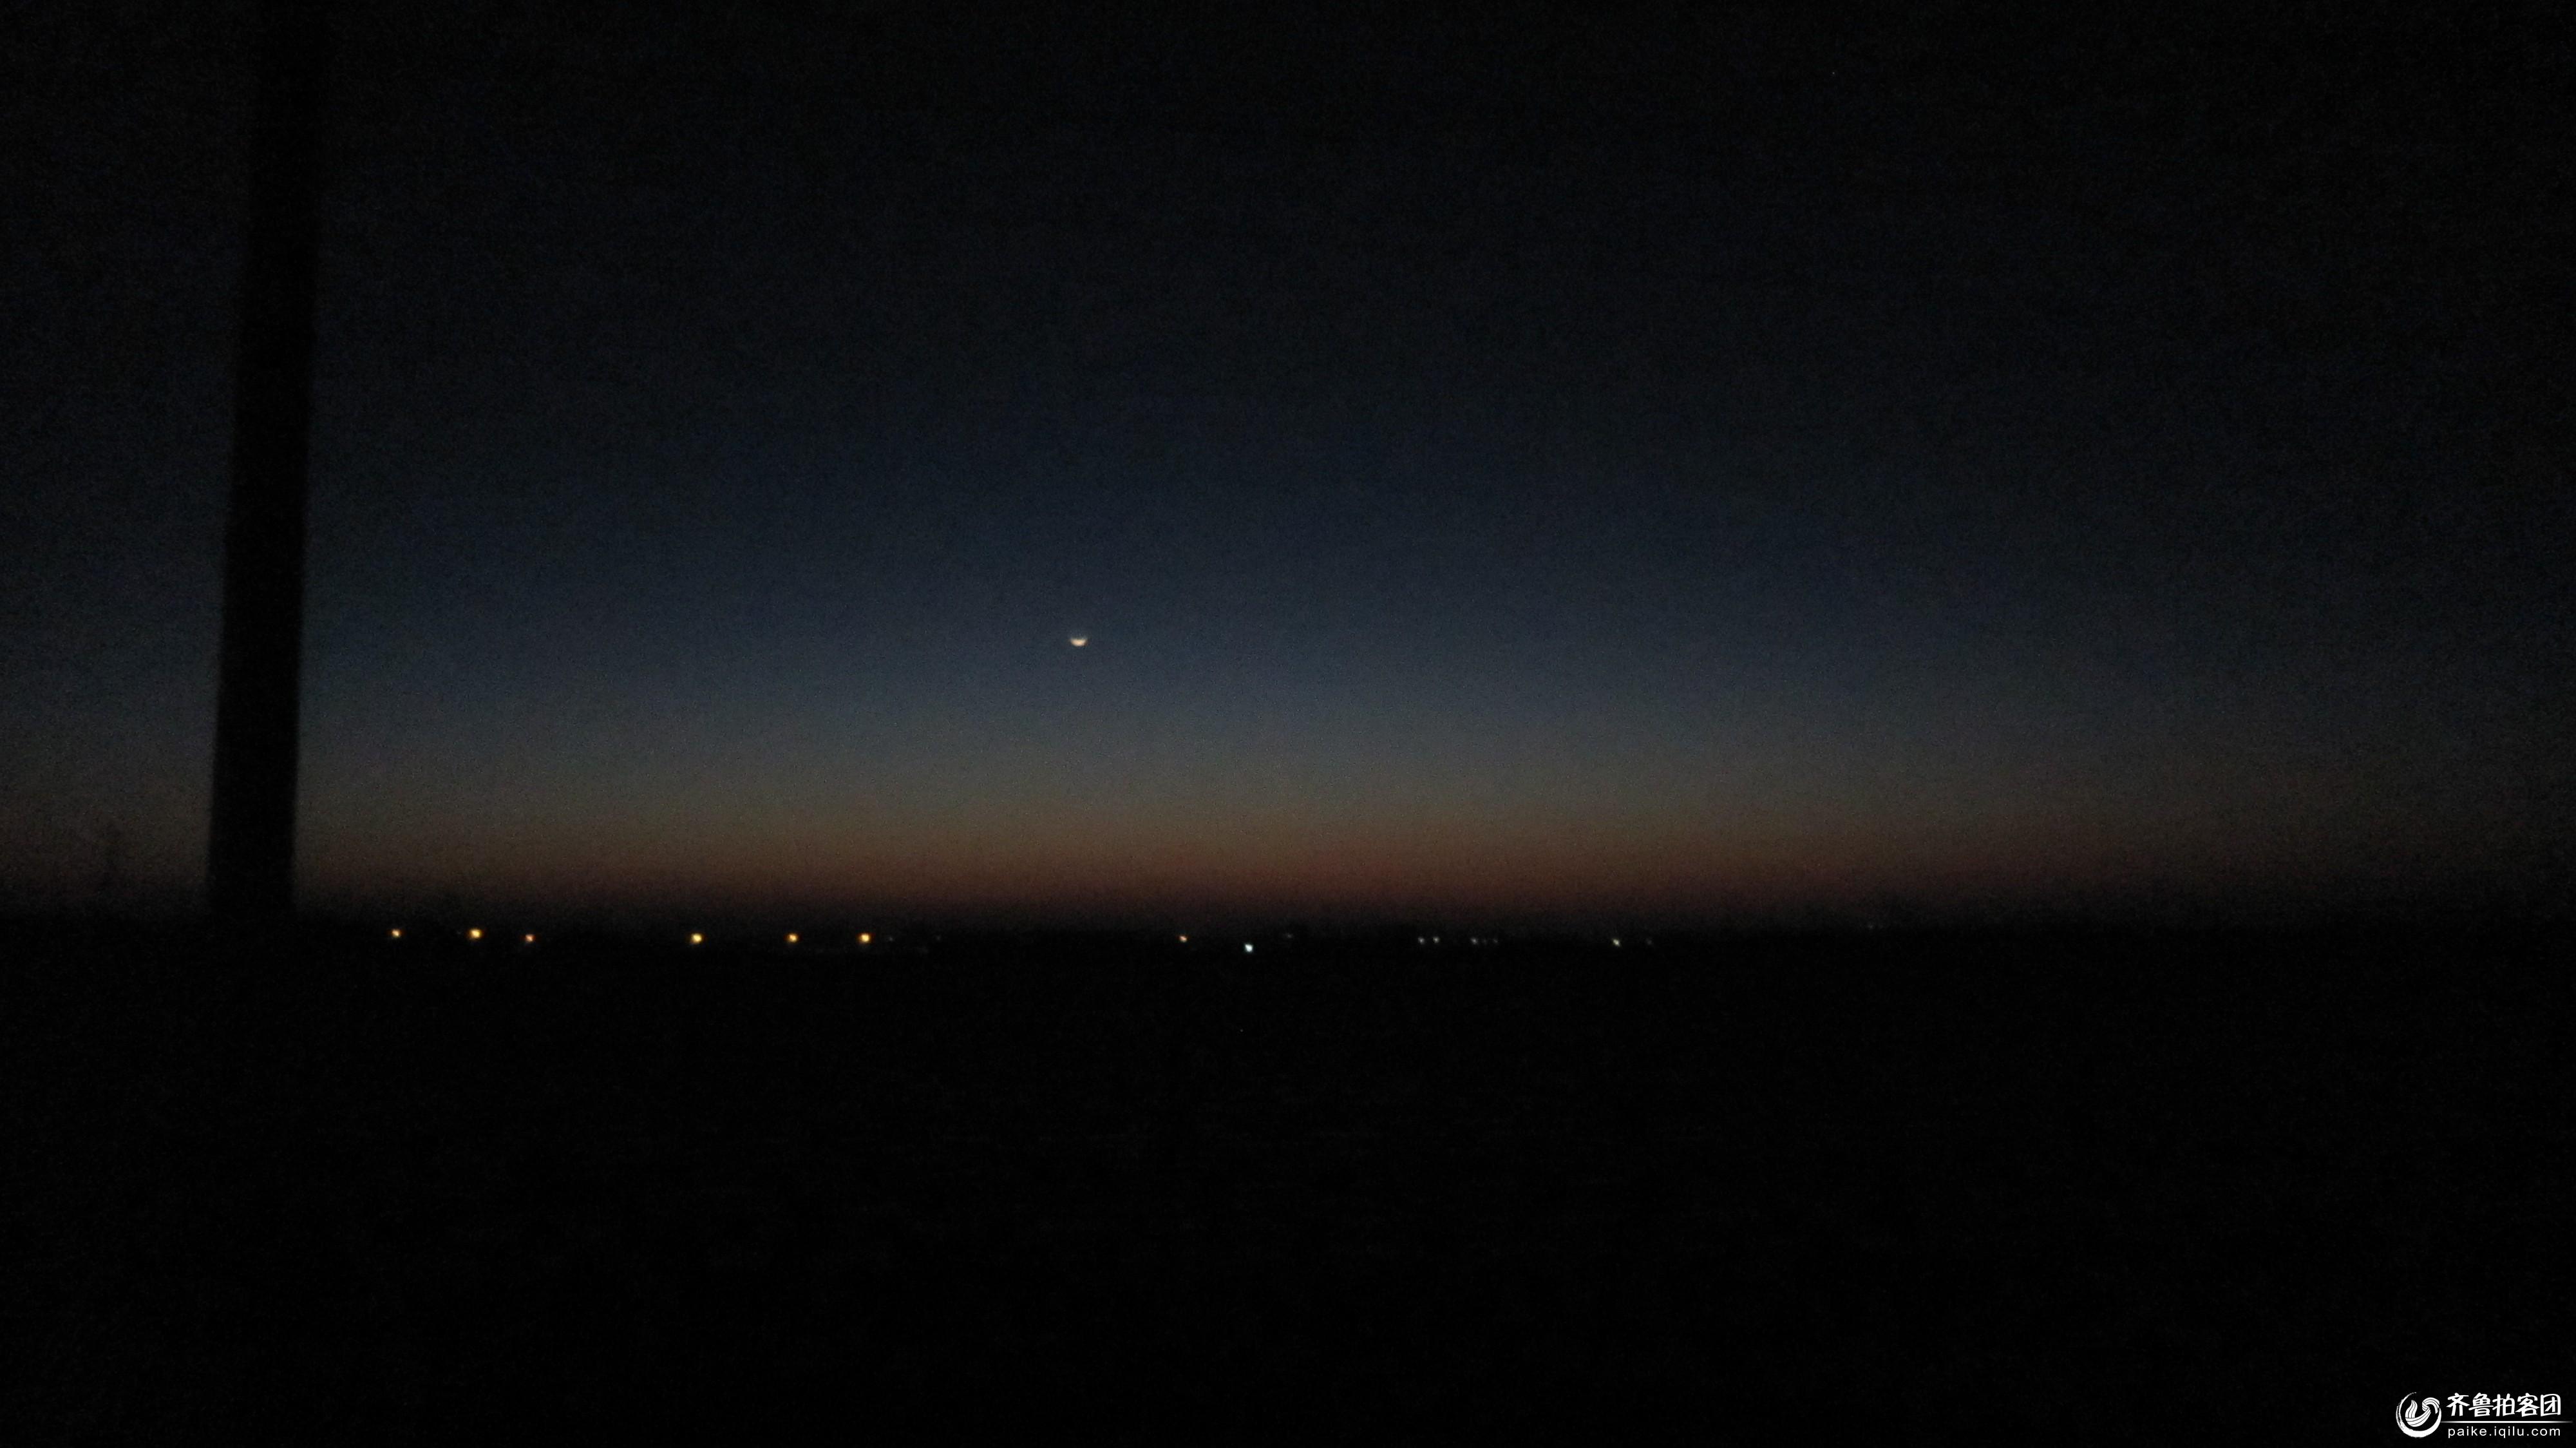 孤独星空手绘背景